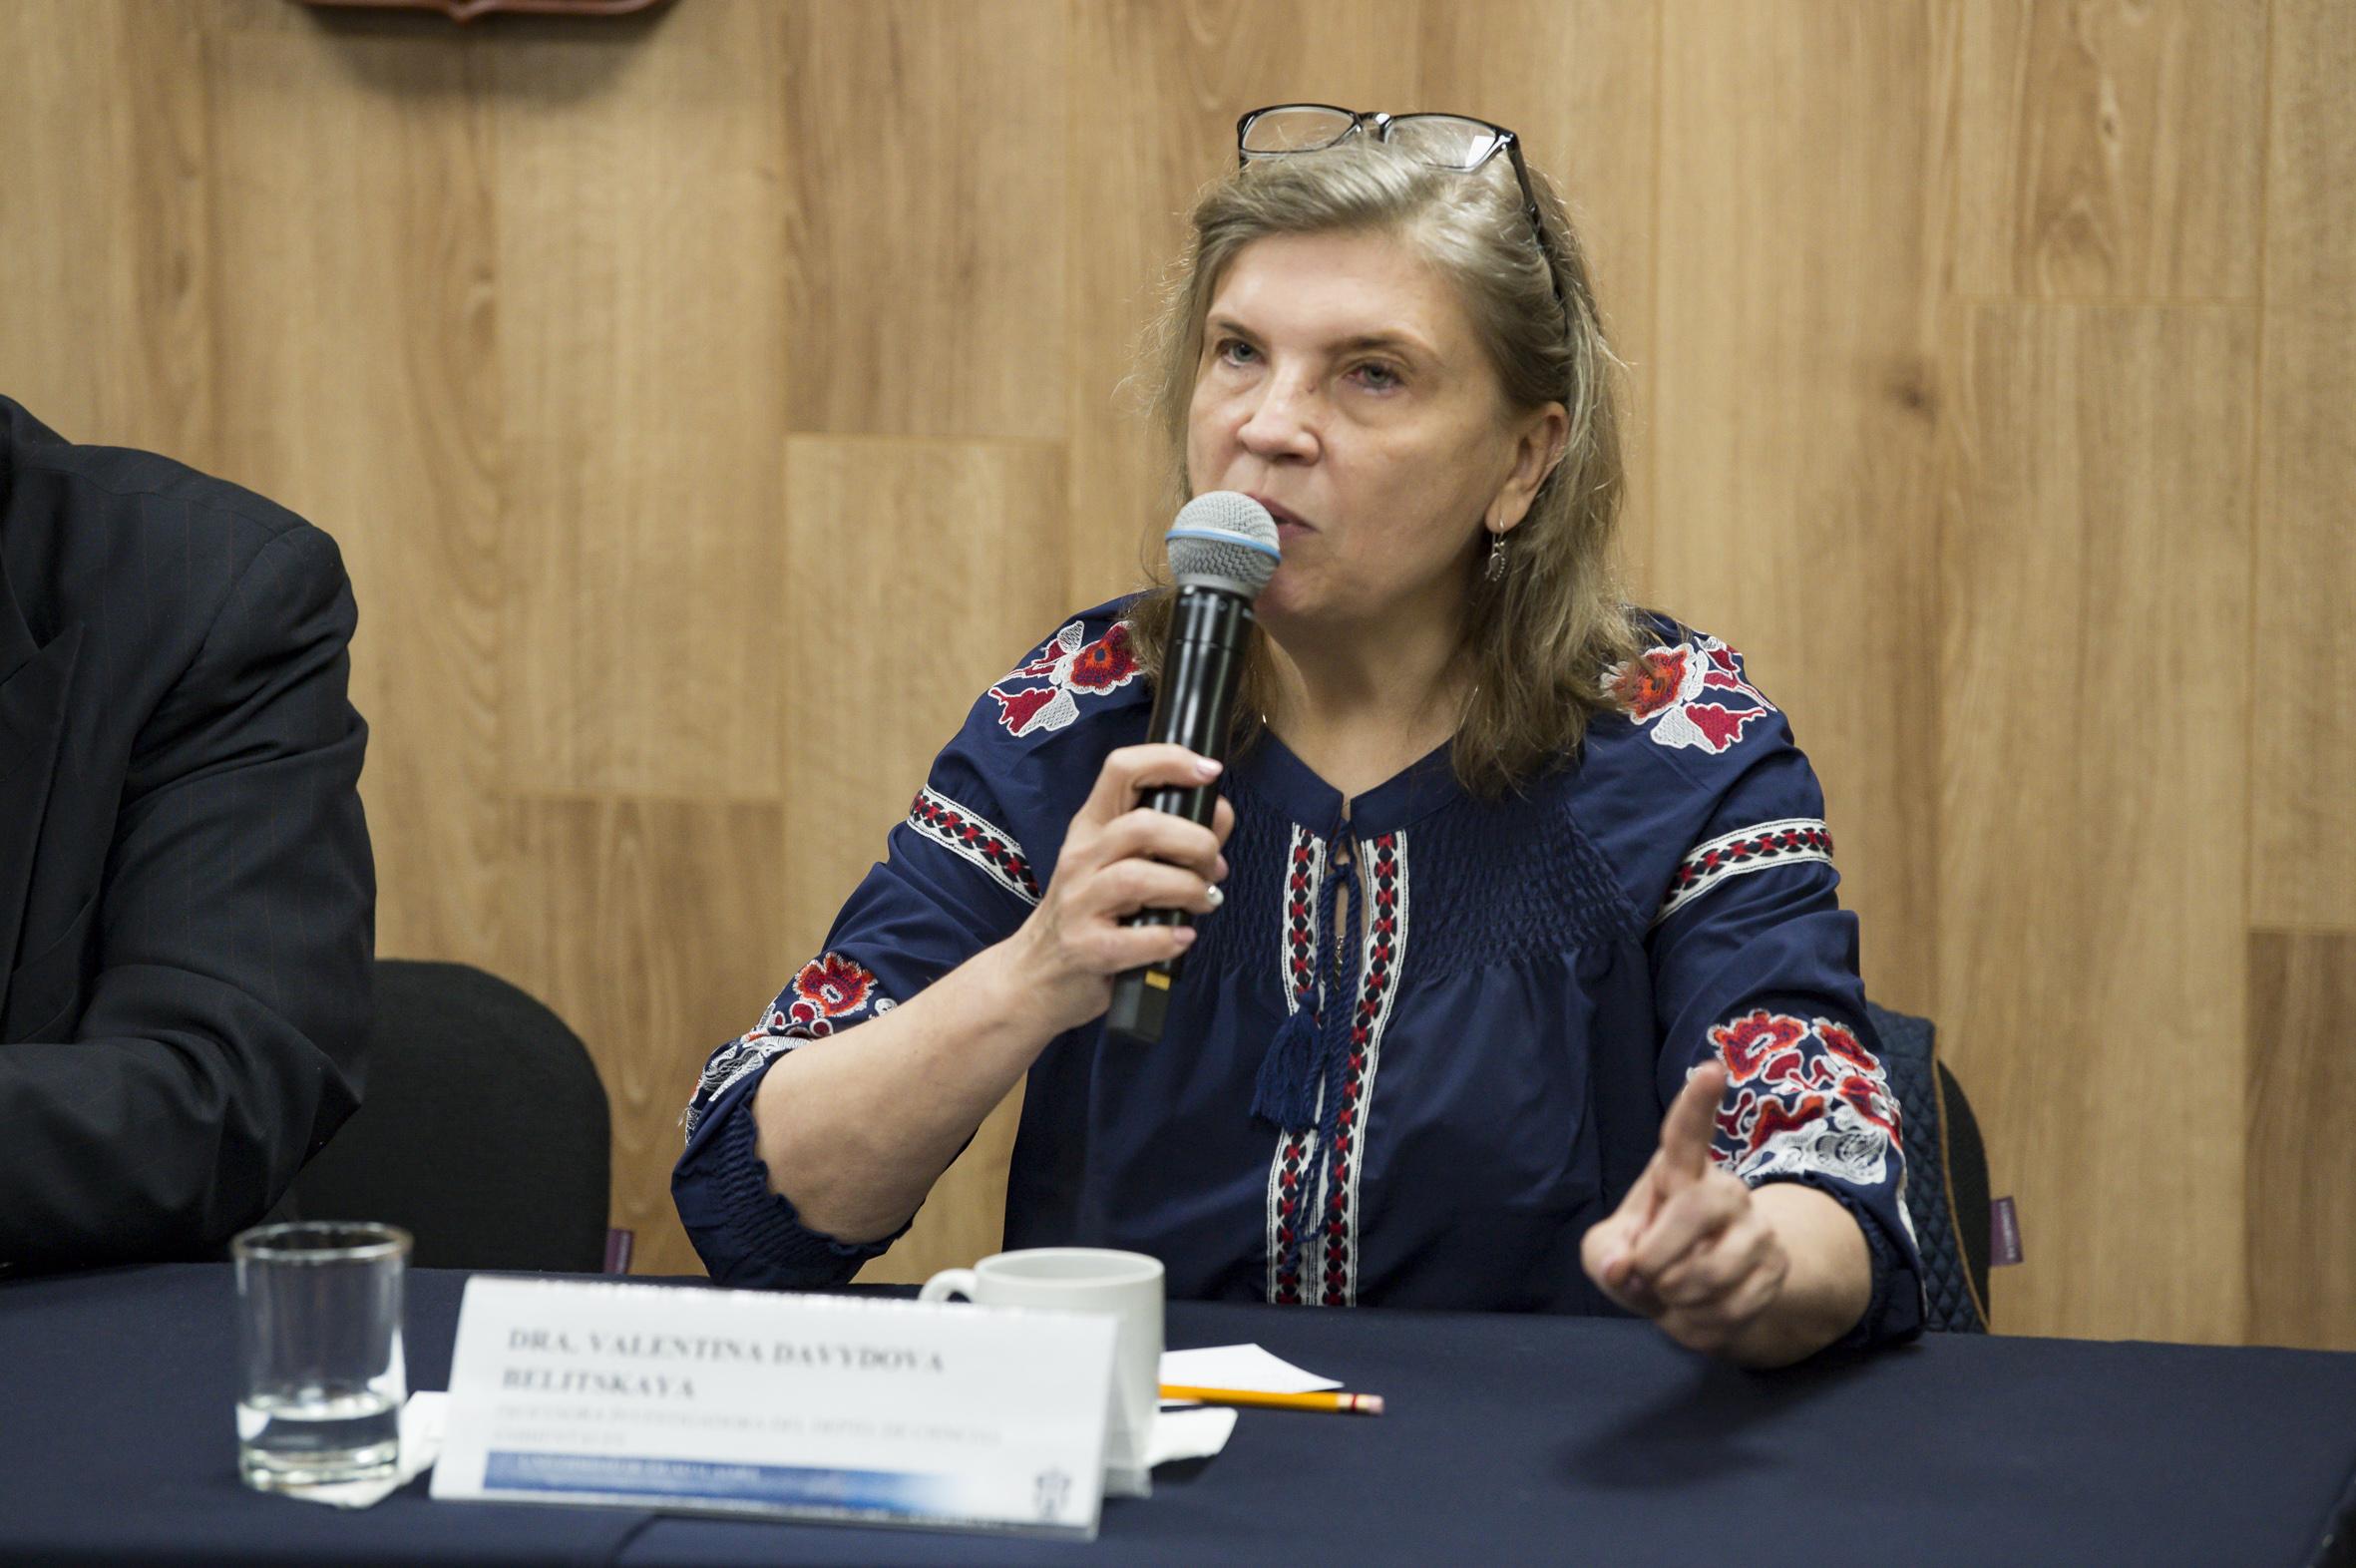 la doctora Valentina Davydova habló de los problemas ambientales a causa de los contaminantes en el aire